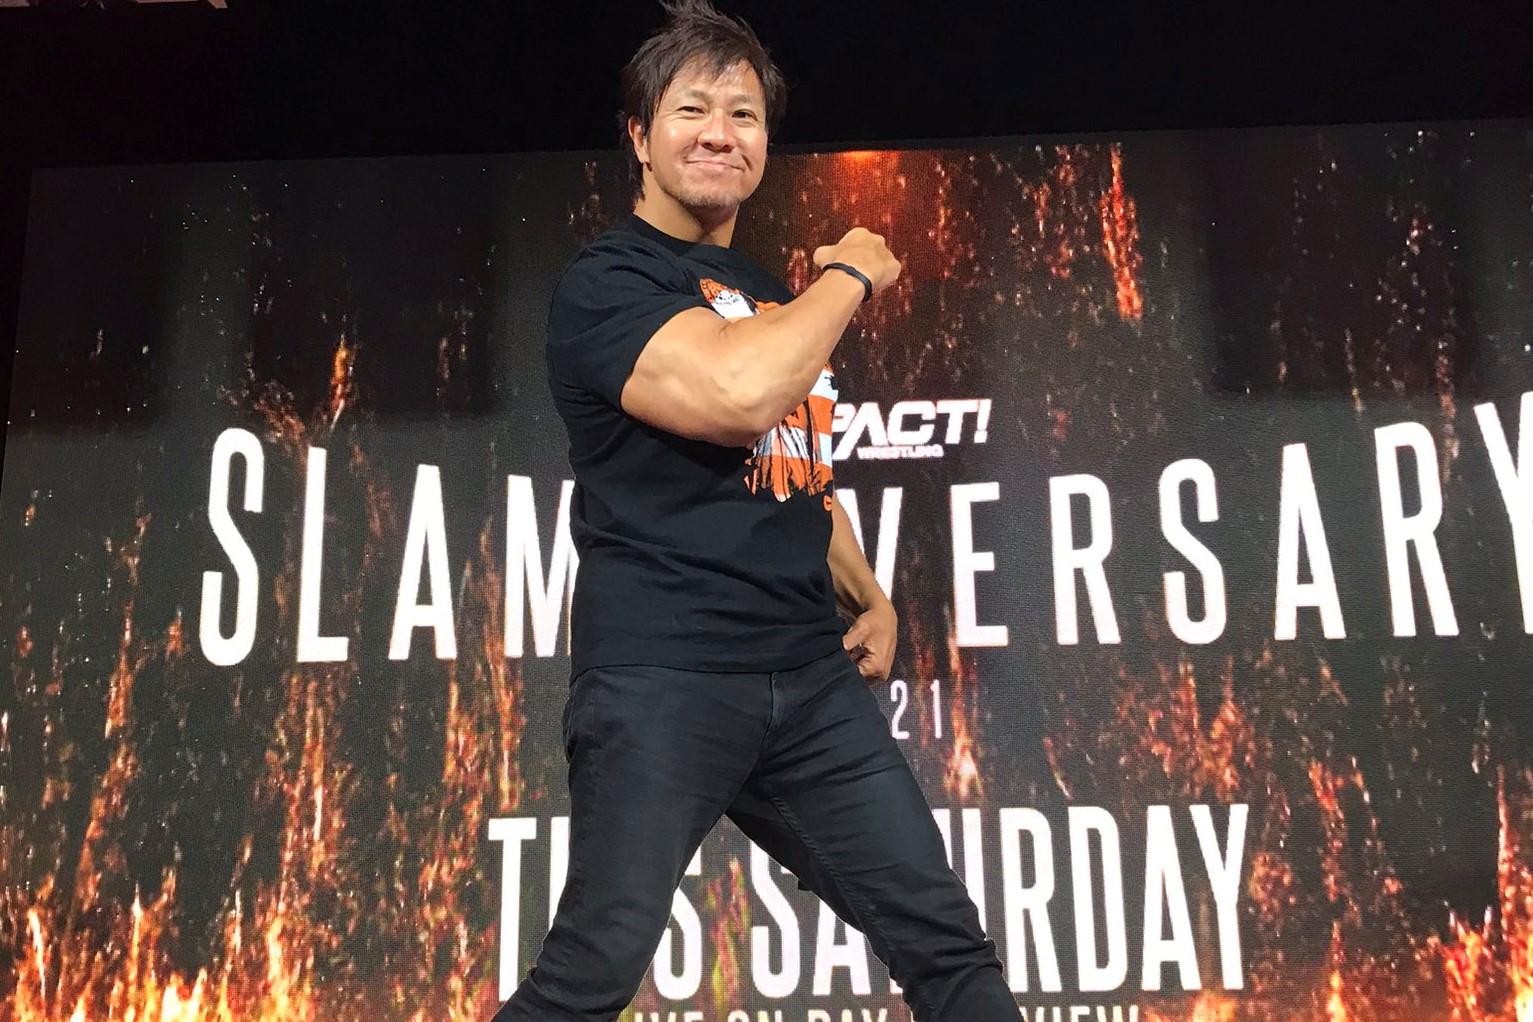 【新日本プロレス】小島聡のIMPACTデビューの情報が解禁! 狙うはIMPACTタッグ王座か